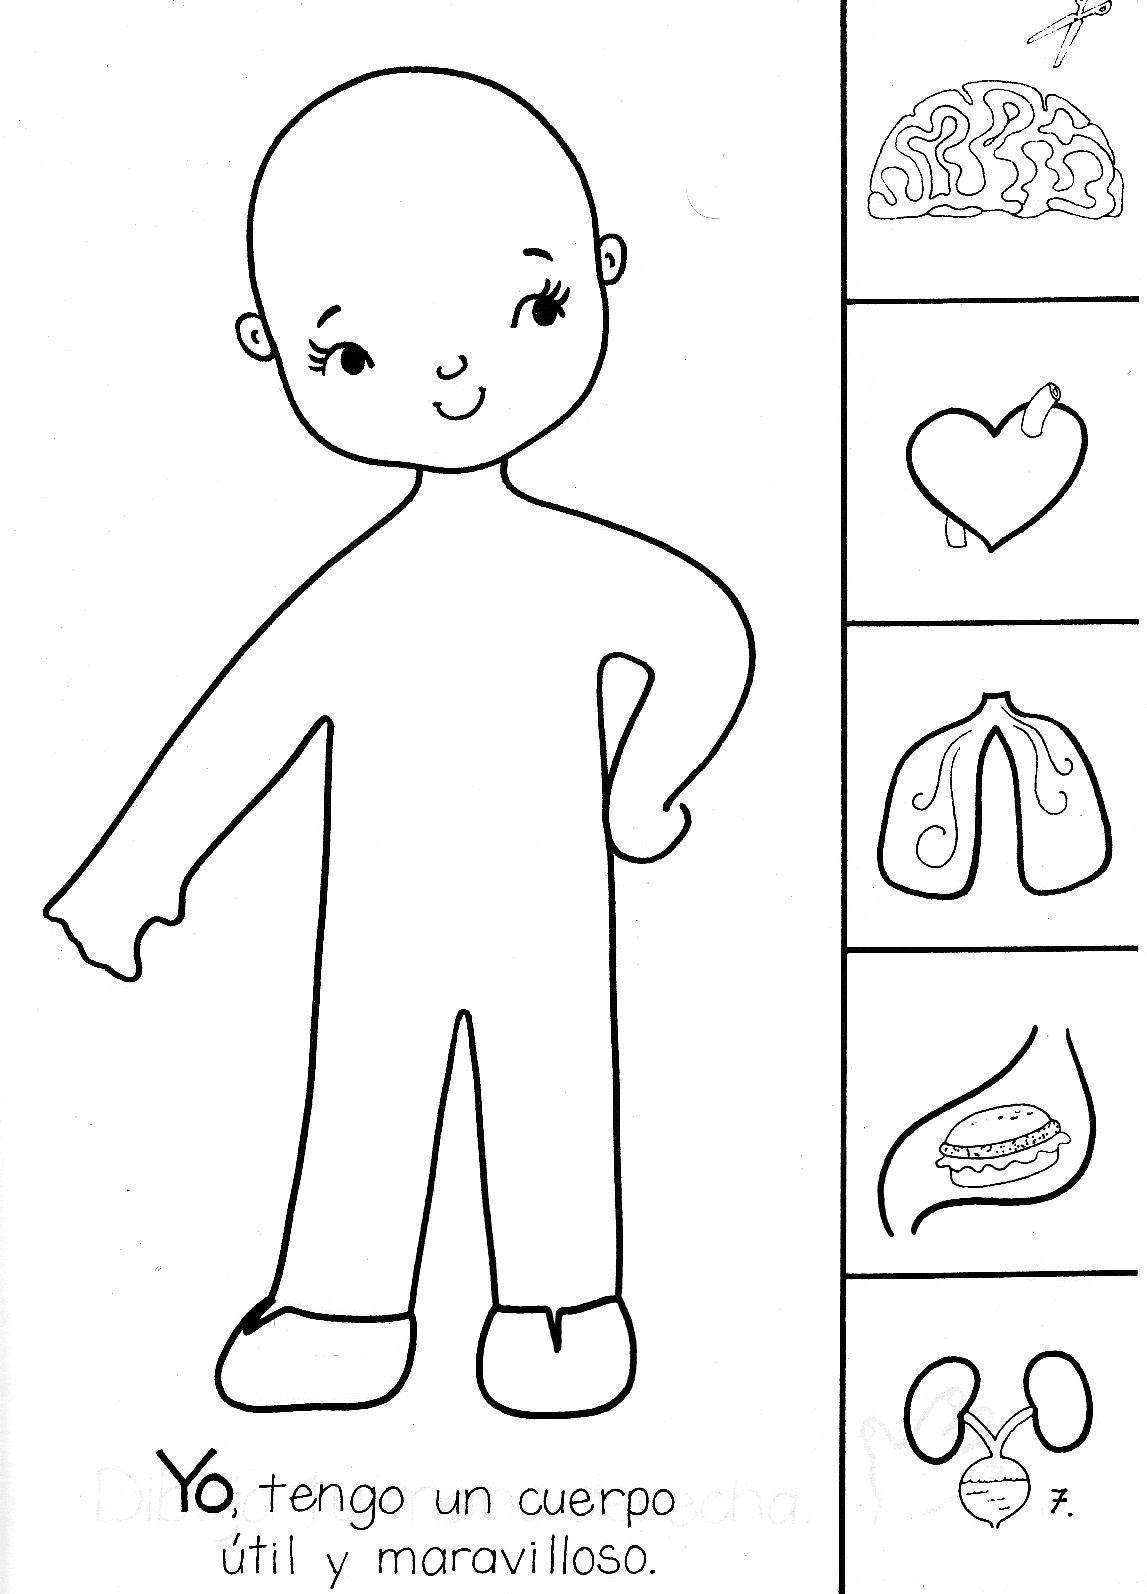 Recursos Y Actividades Para Educacion Infantil Con Los Que Todo Maestro Suena Juegos Fichas